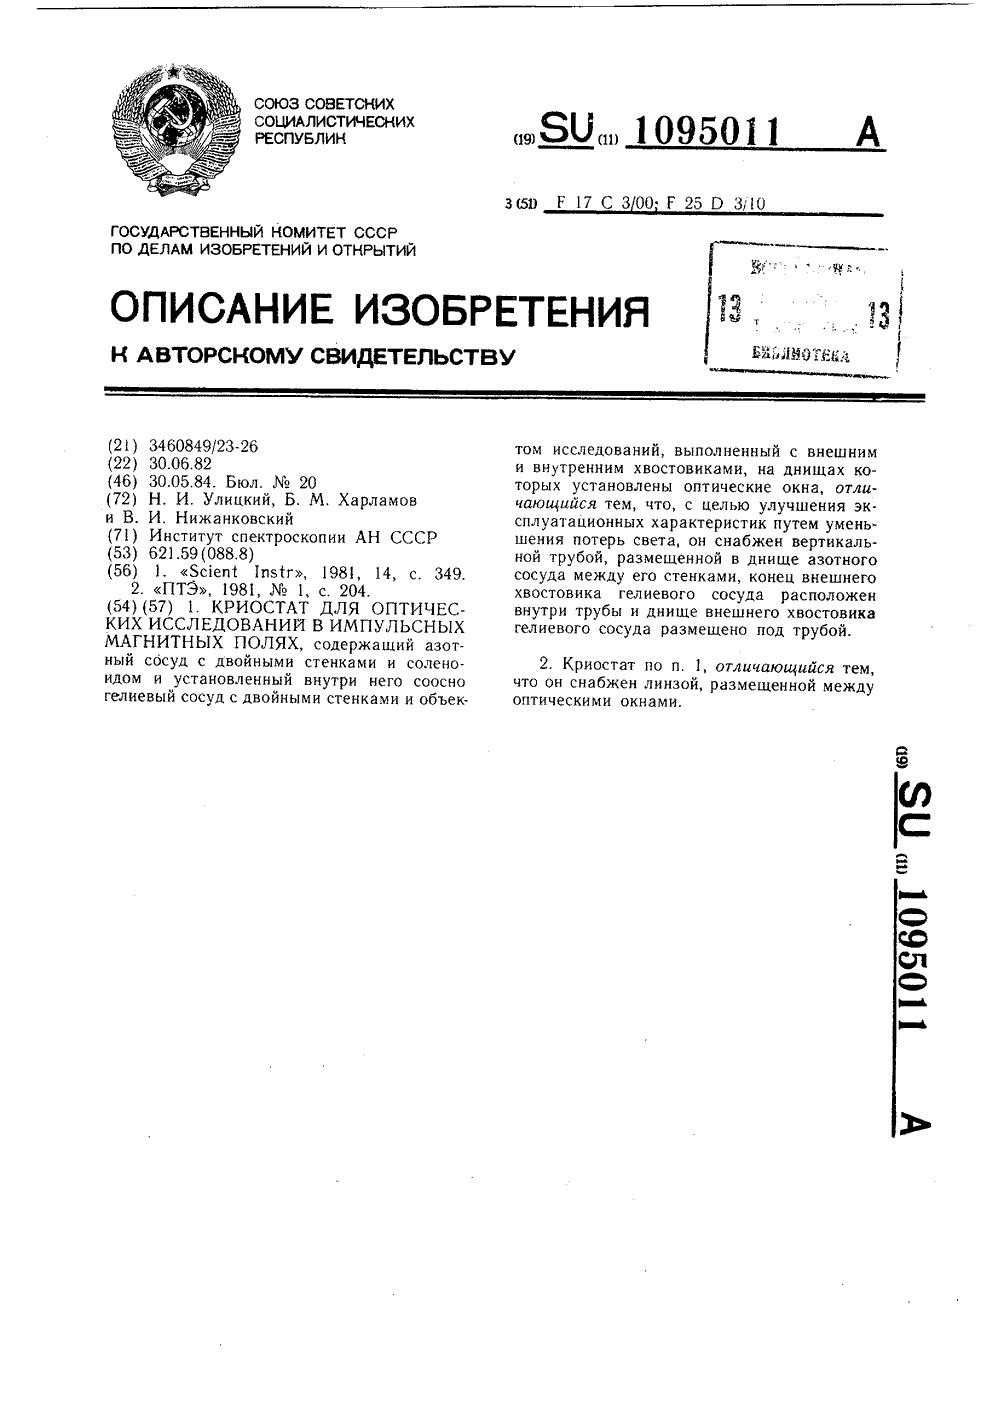 Криостат